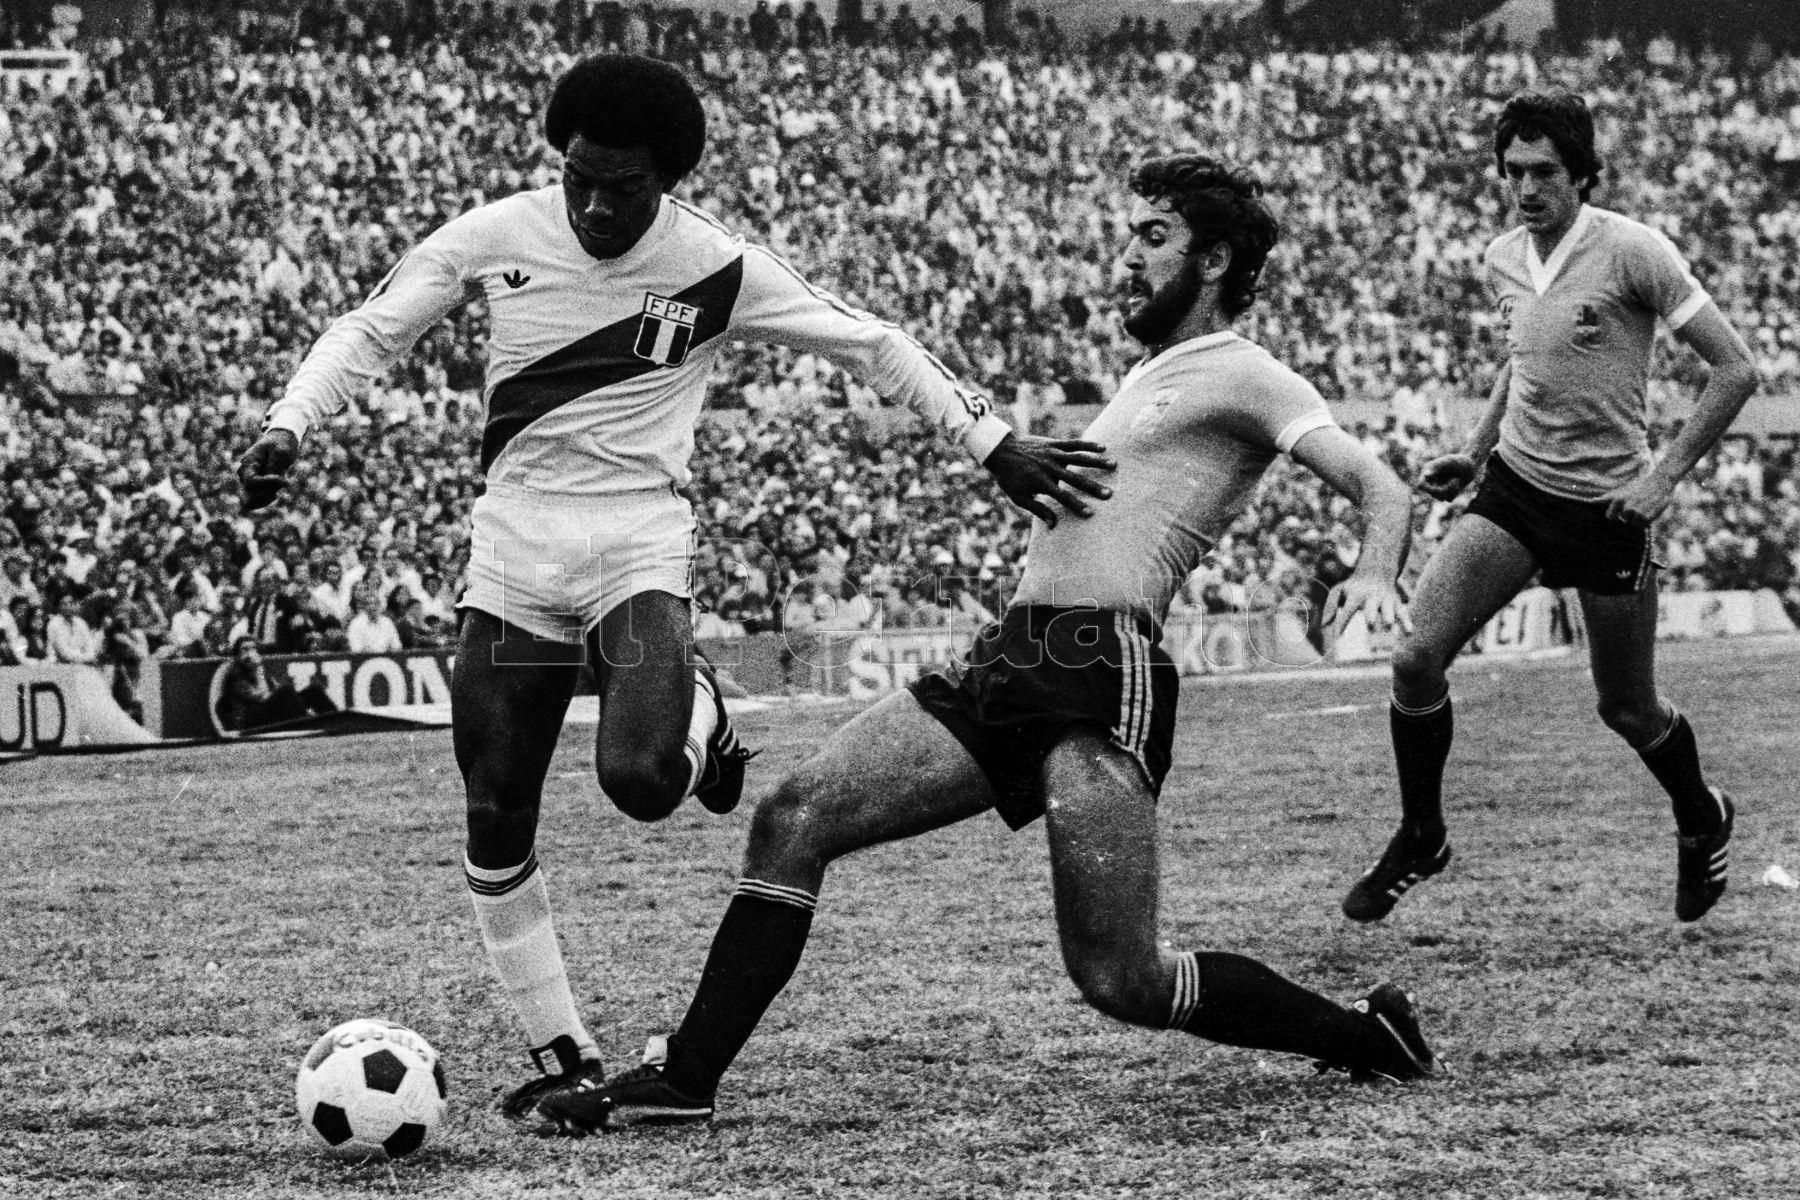 Montevideo, Uruguay - 23 agosto 1981 / Perú alcanzó la punta del Grupo 2 de las eliminatorias sudamericanas  para el Mundial de España 82 al vencer a Uruguay por 2-1 en el mítico Estadio Centenario. El delantero Gerónimo Barbadillo fue una de las figuras destacadas del cuadro peruano.Foto: Archivo El Peruano/ Rómulo Luján